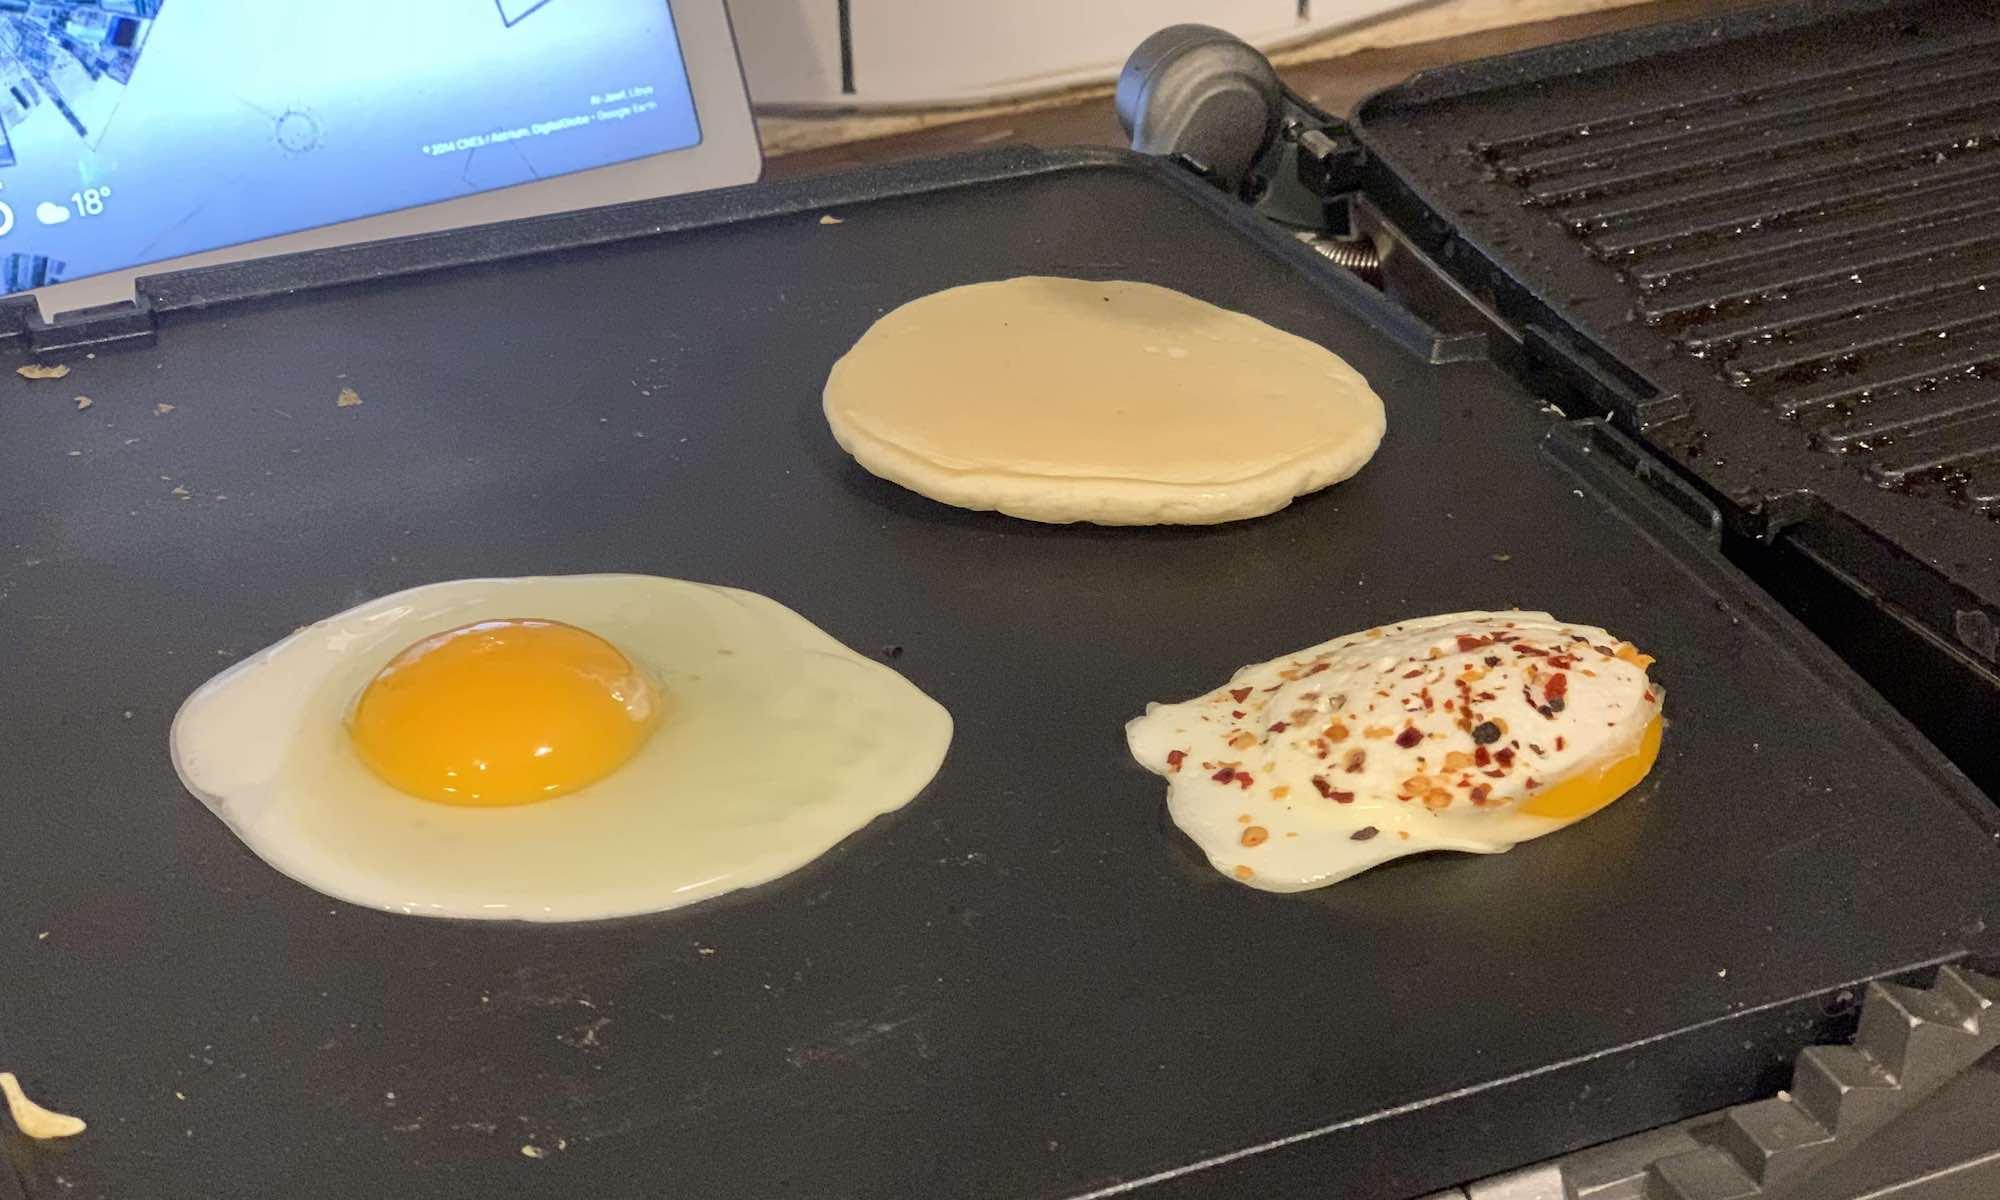 Cuisinart Griddler Deluxe eggs